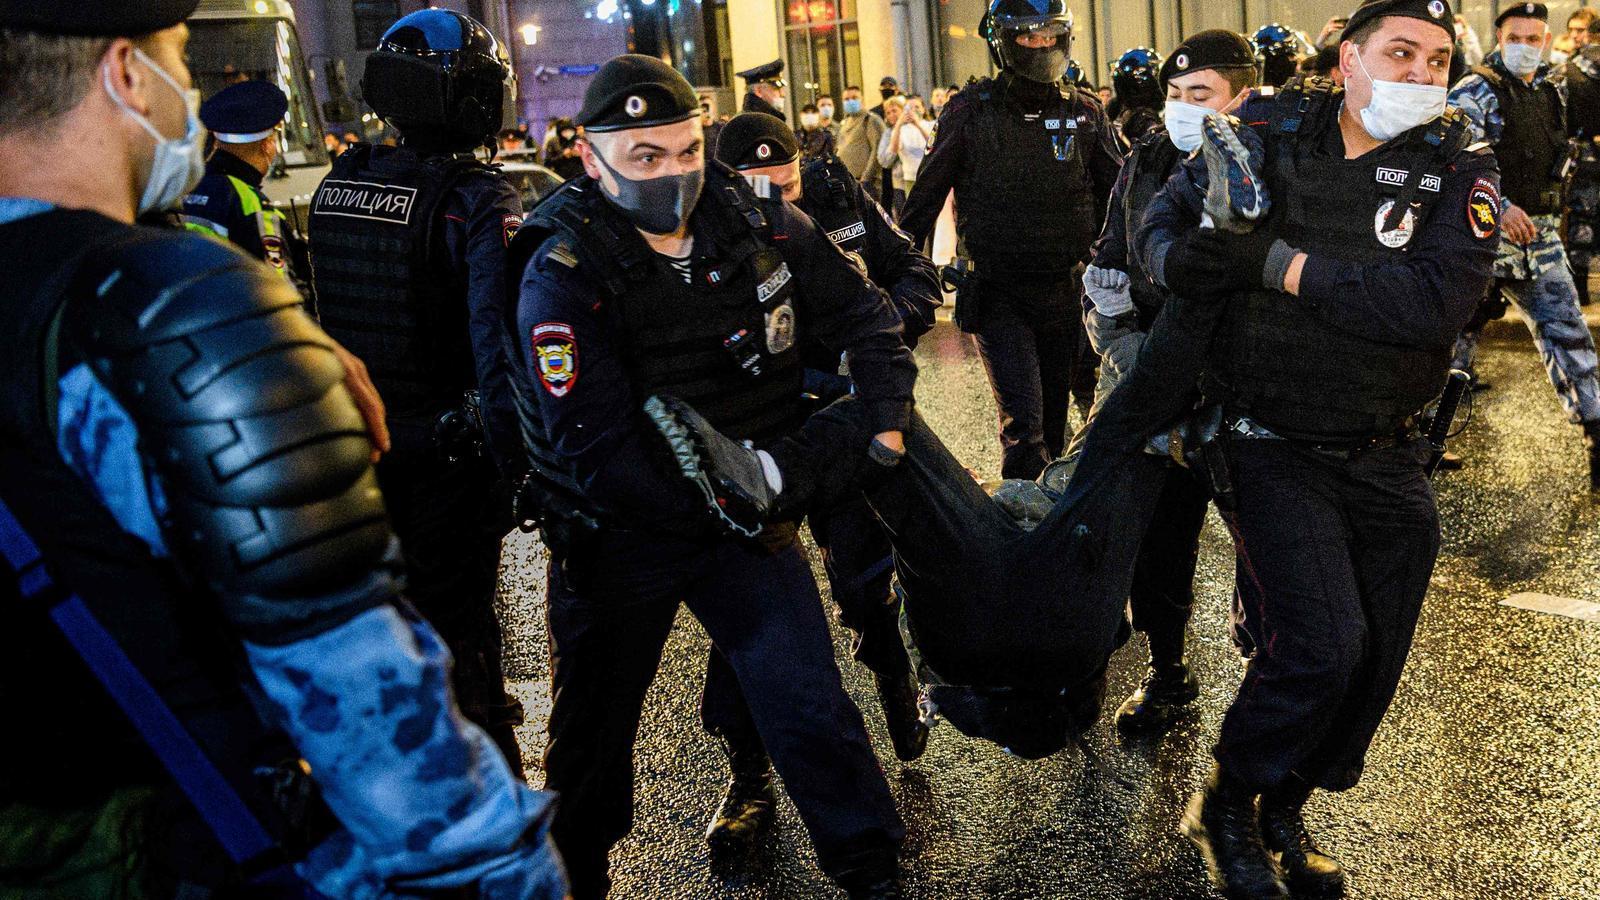 Detenció d'un jove que participava en la manifestació convocada a Moscou contra la reforma constitucional de Putin